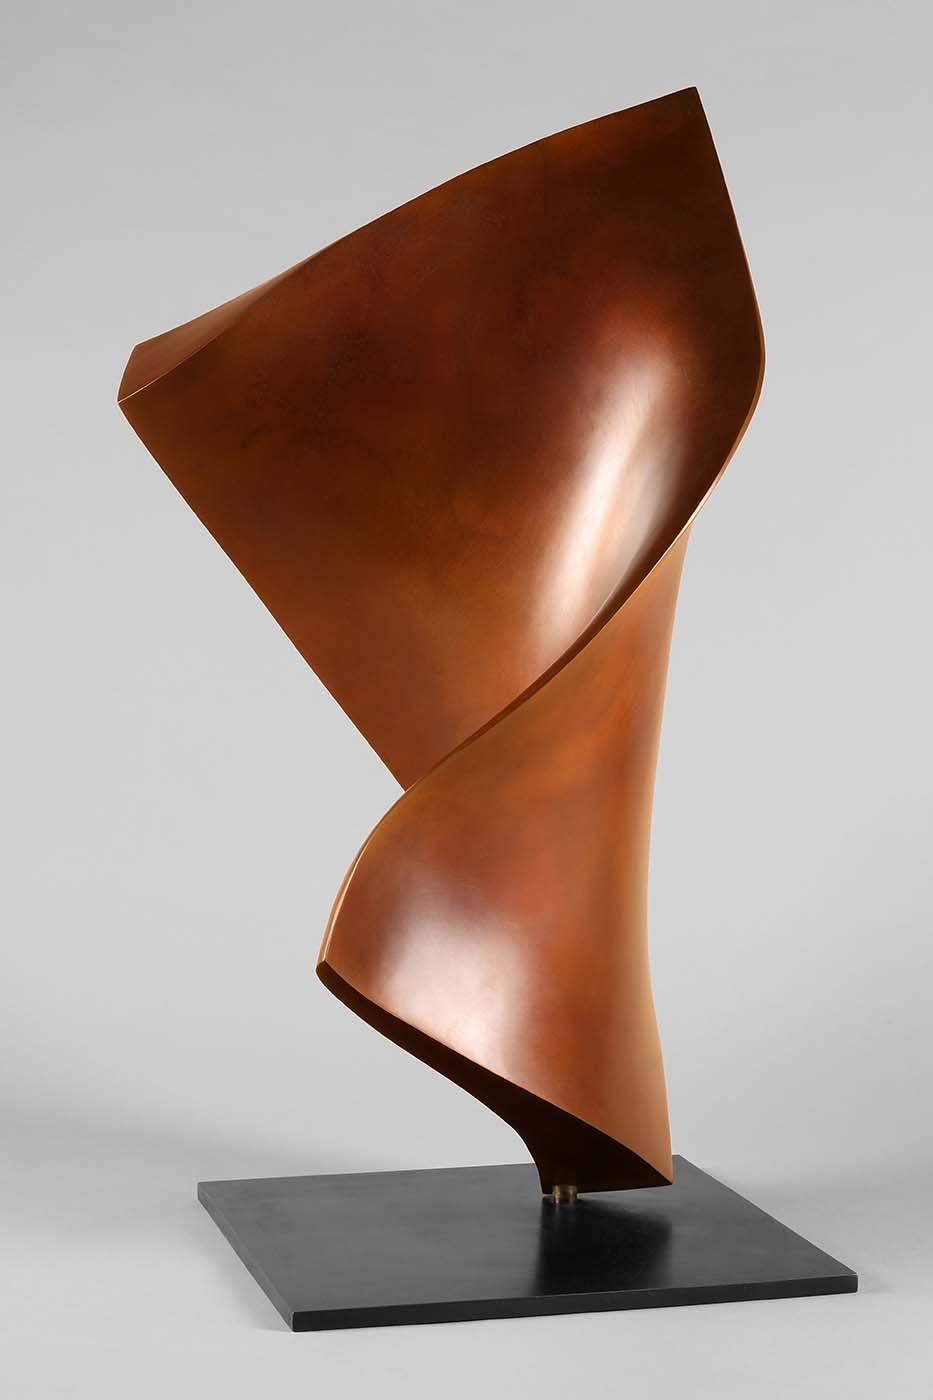 Cosi fan tutte (groß), 2017, Bronze, 62 x 40 x 40 cm, (2).jpg